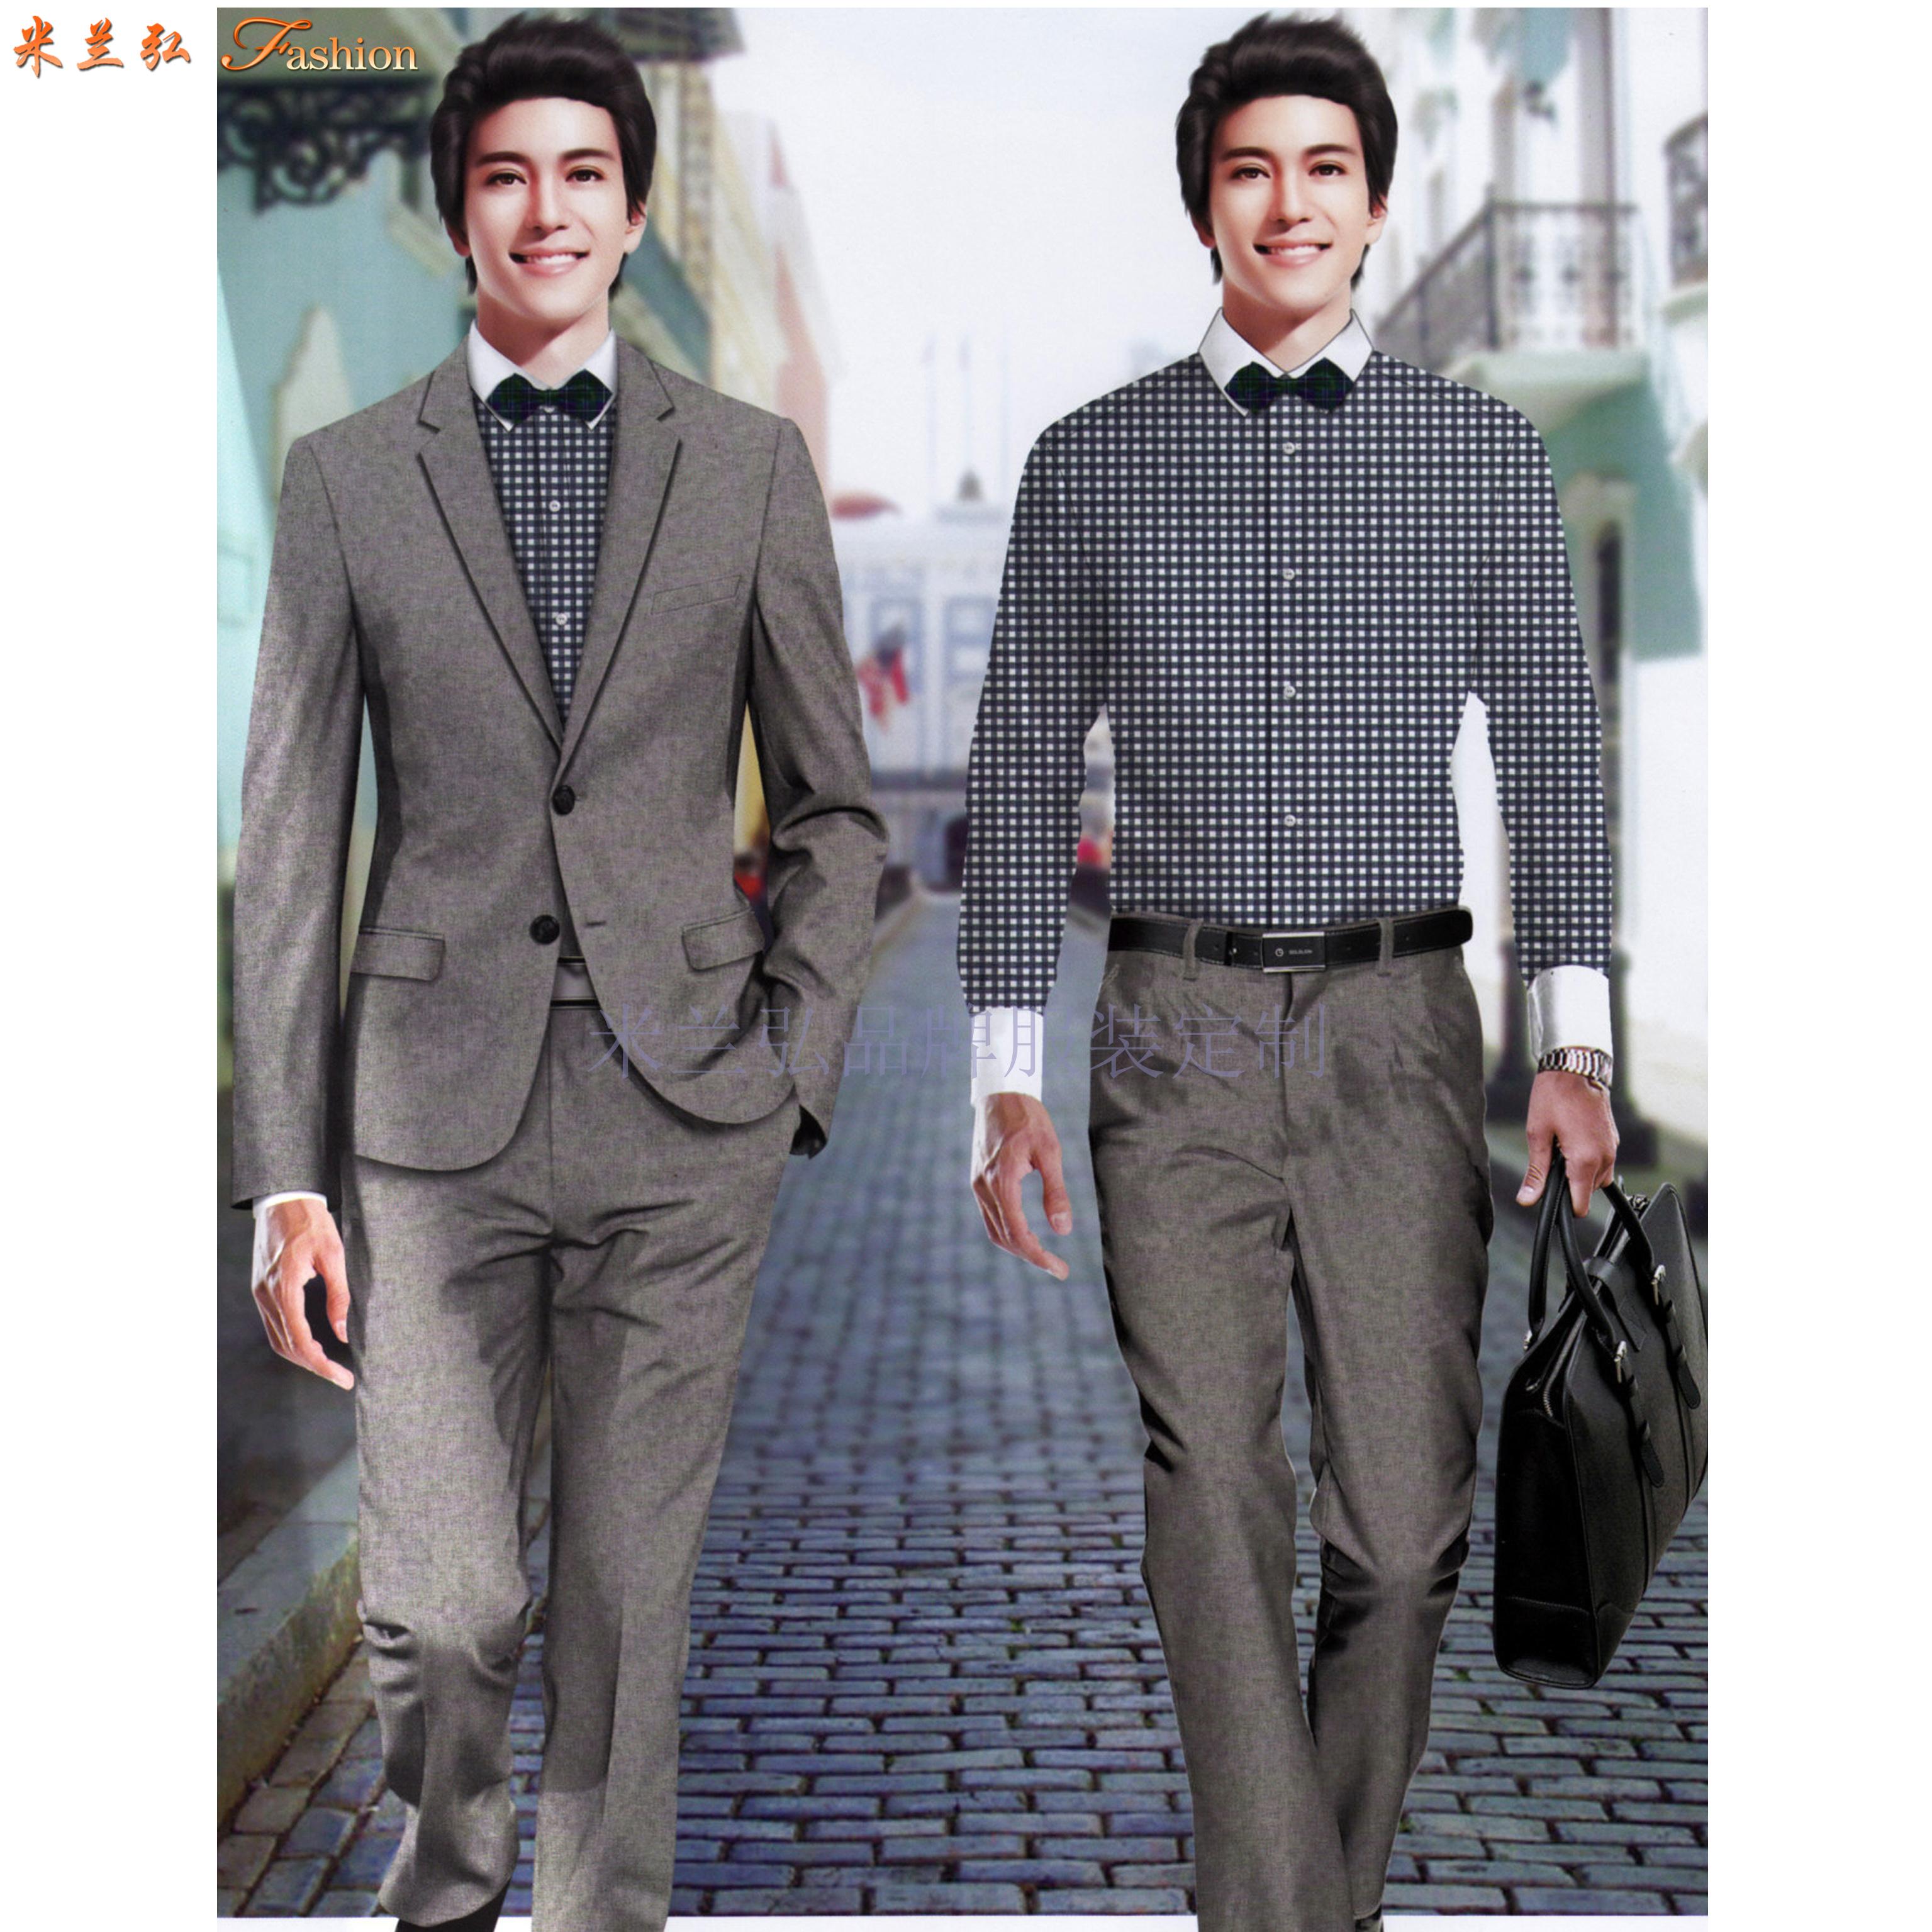 秀水街定制西服|質料講究、貨真價實服裝定制店-米蘭弘品牌服裝-2